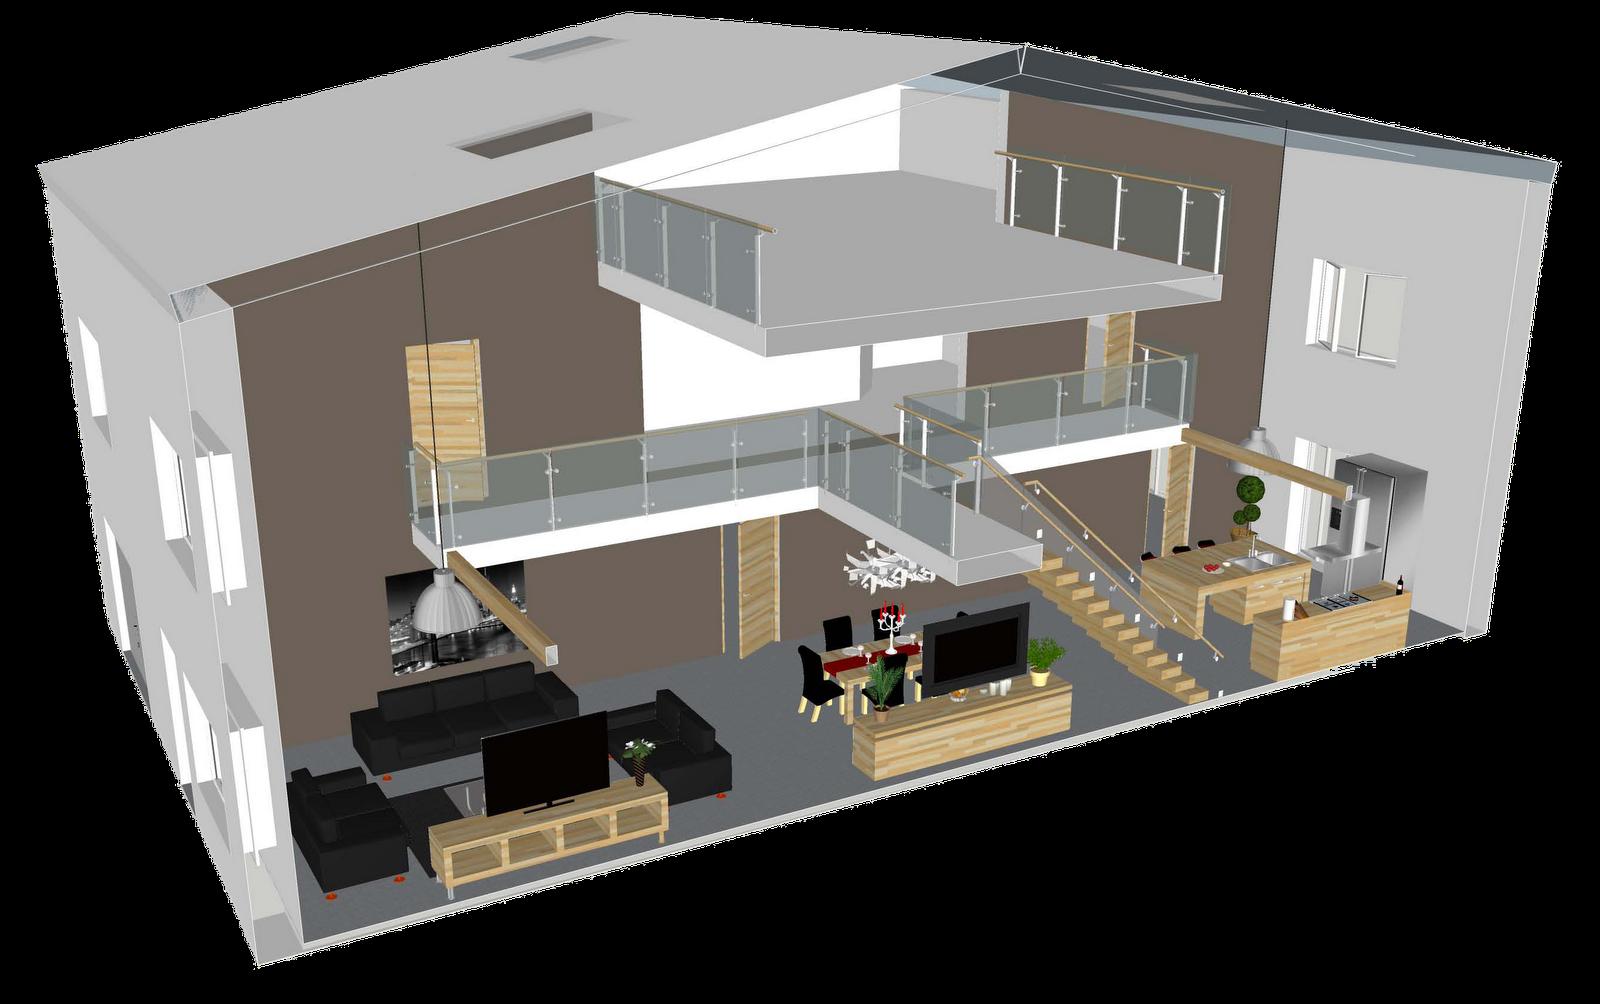 toussaint pauline portfolio am nagement d 39 une grange. Black Bedroom Furniture Sets. Home Design Ideas